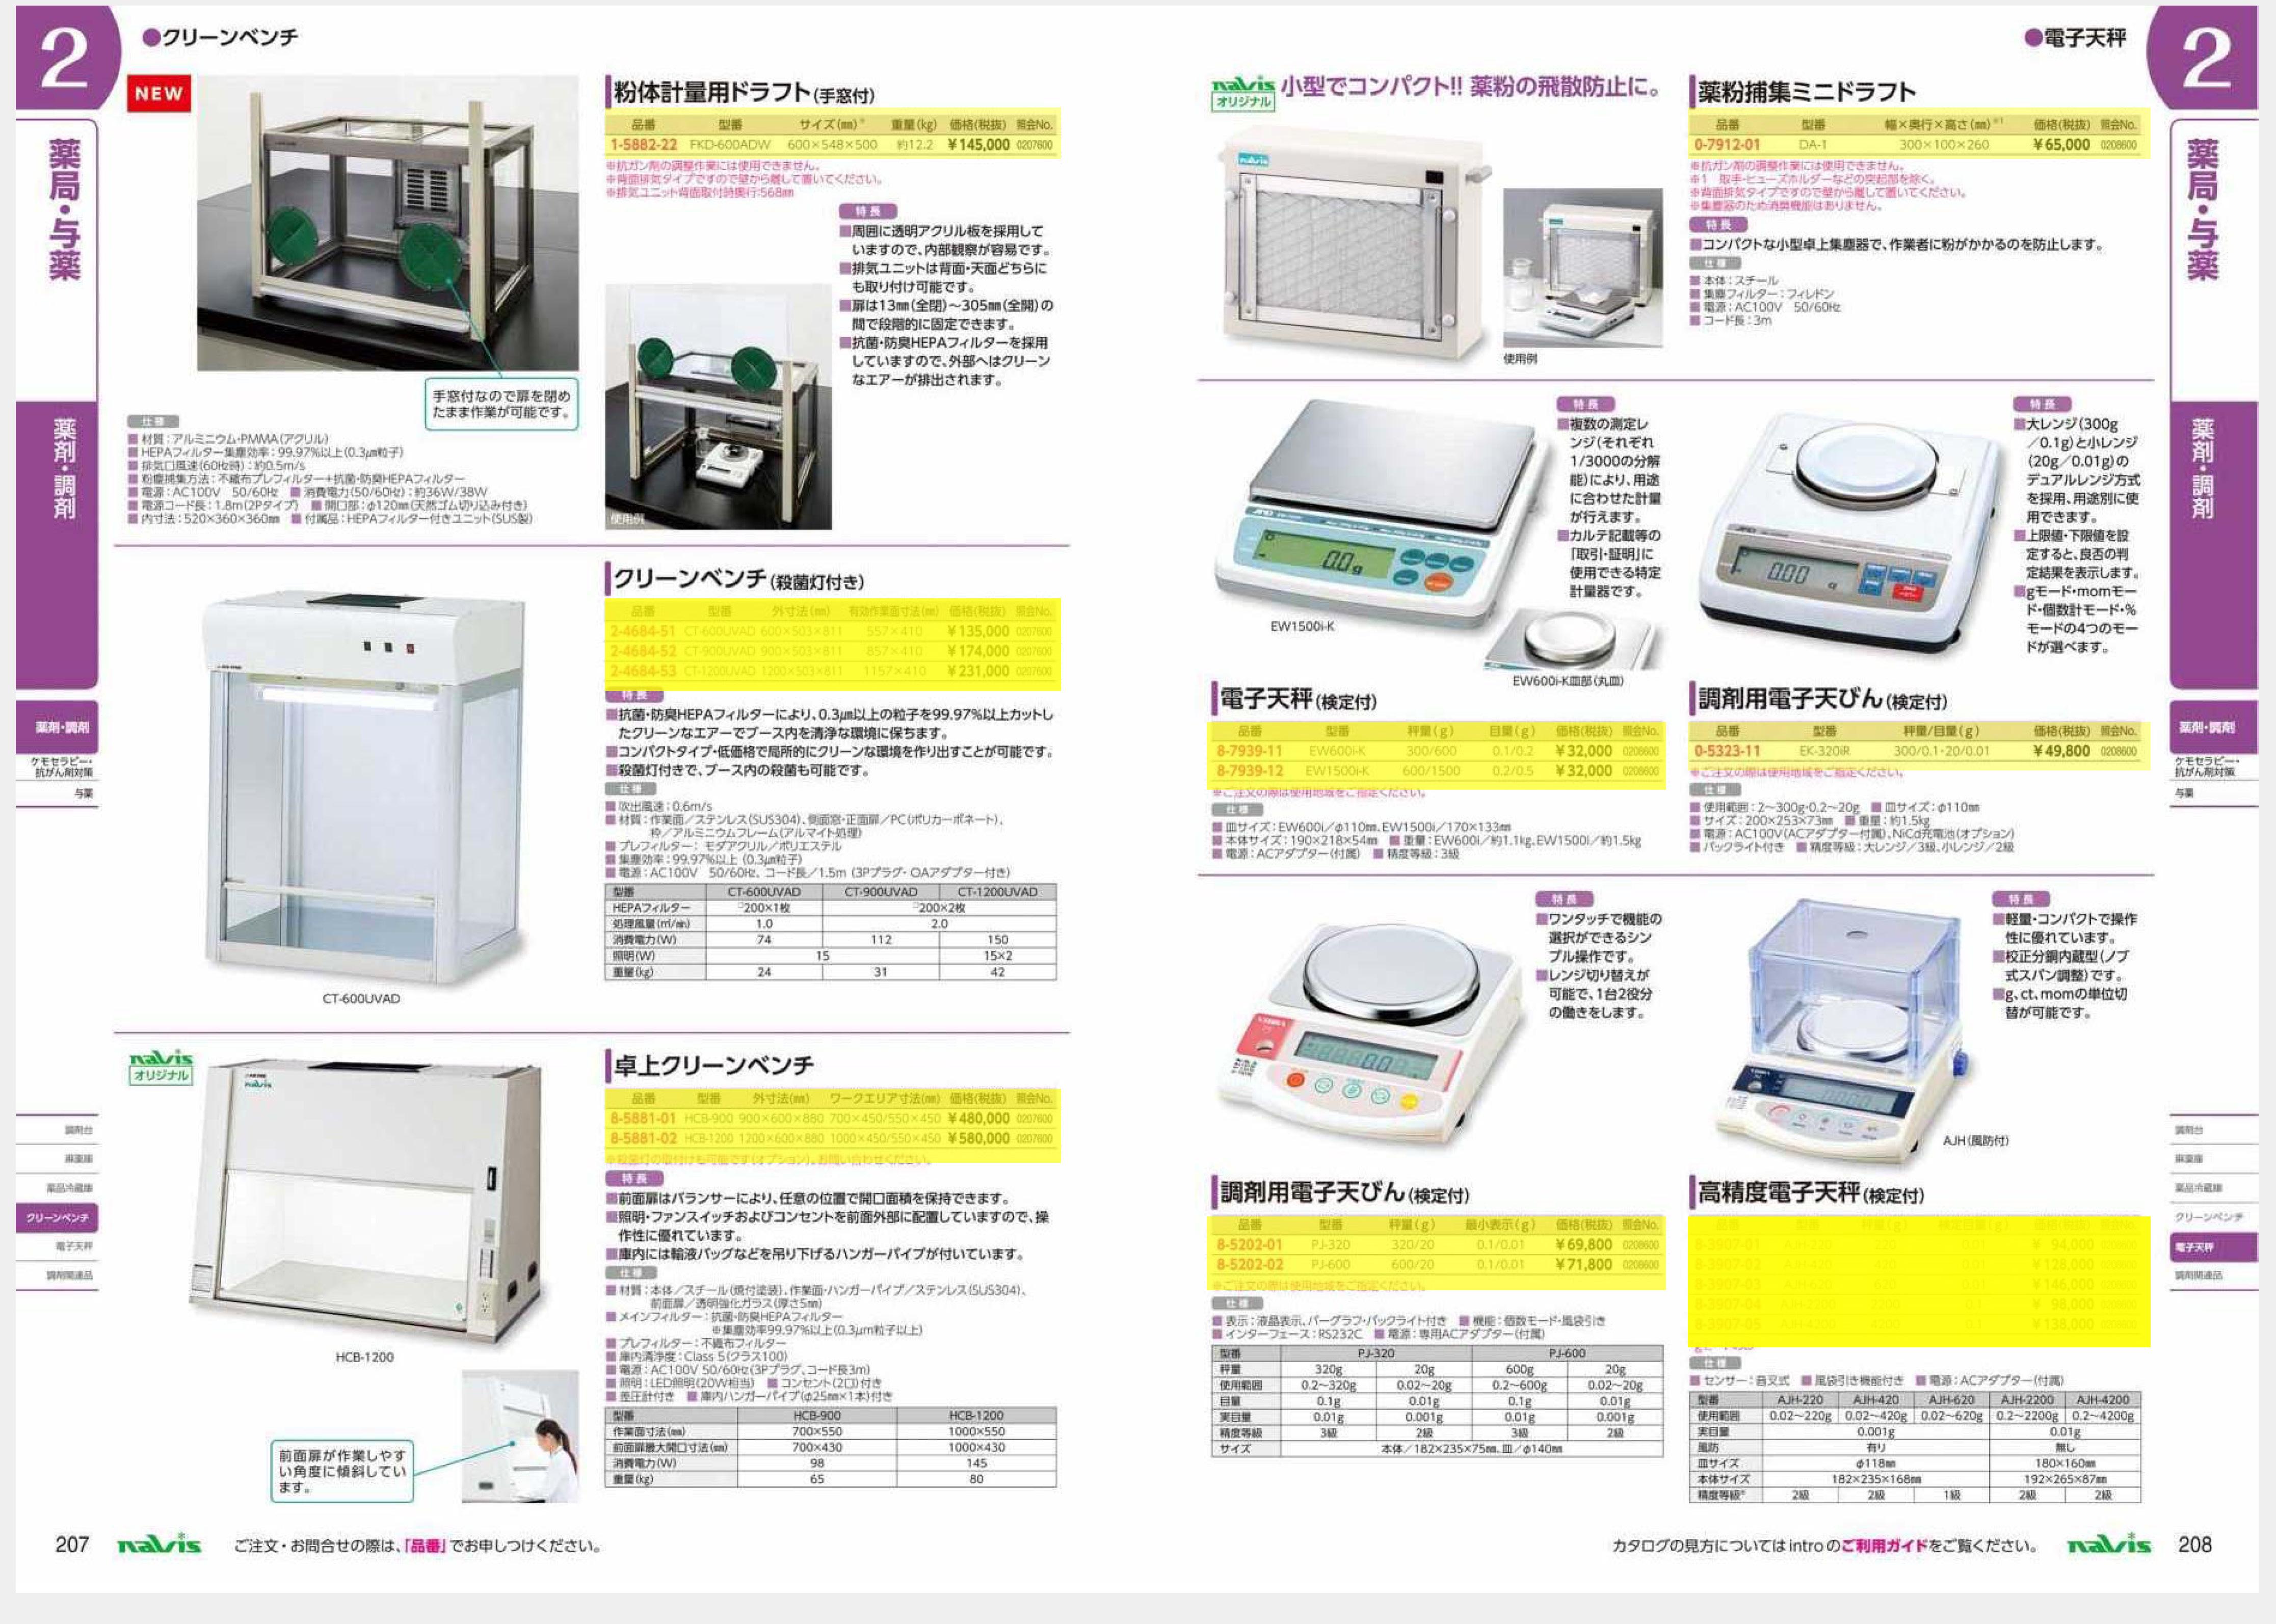 ナビス50000 8-3907-04 高精度電子天秤 2200g[個](as1-8-3907-04)